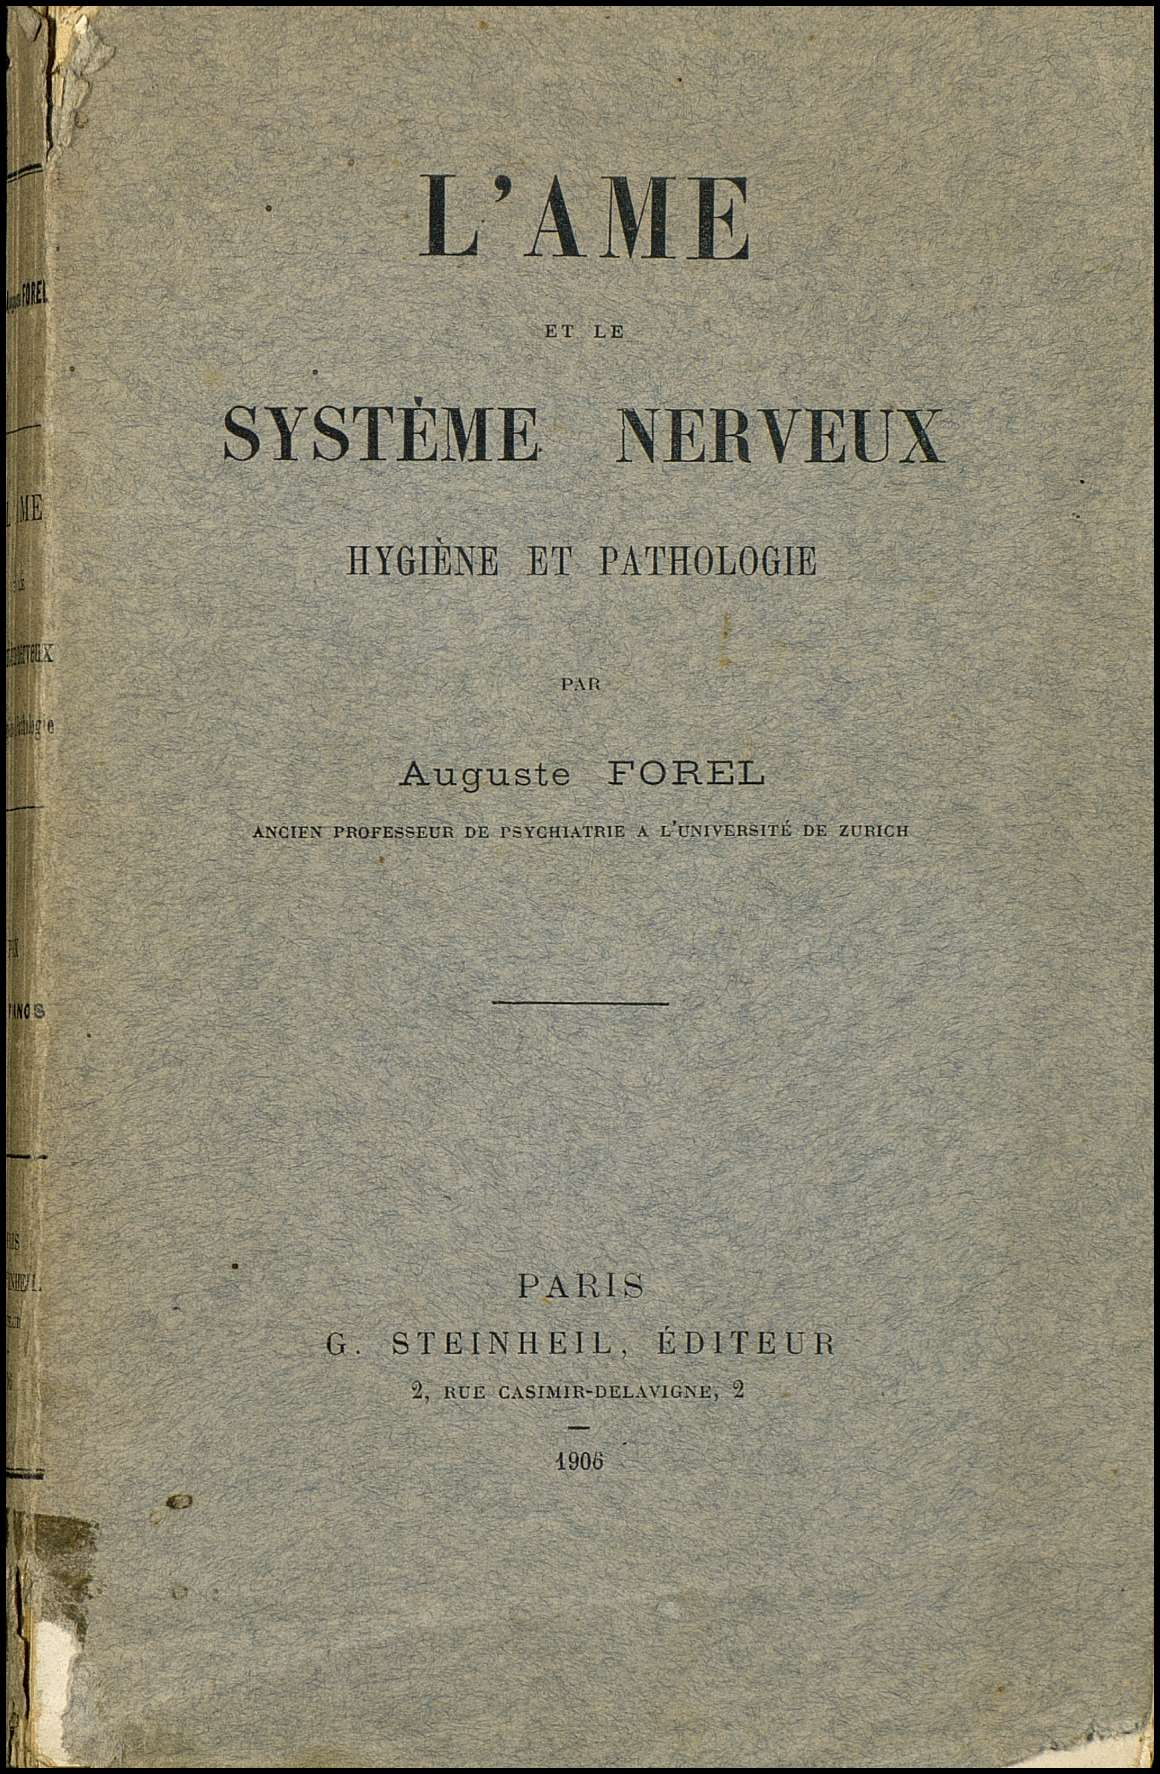 L'ame et le système nerveux. Hygiene et pathologie